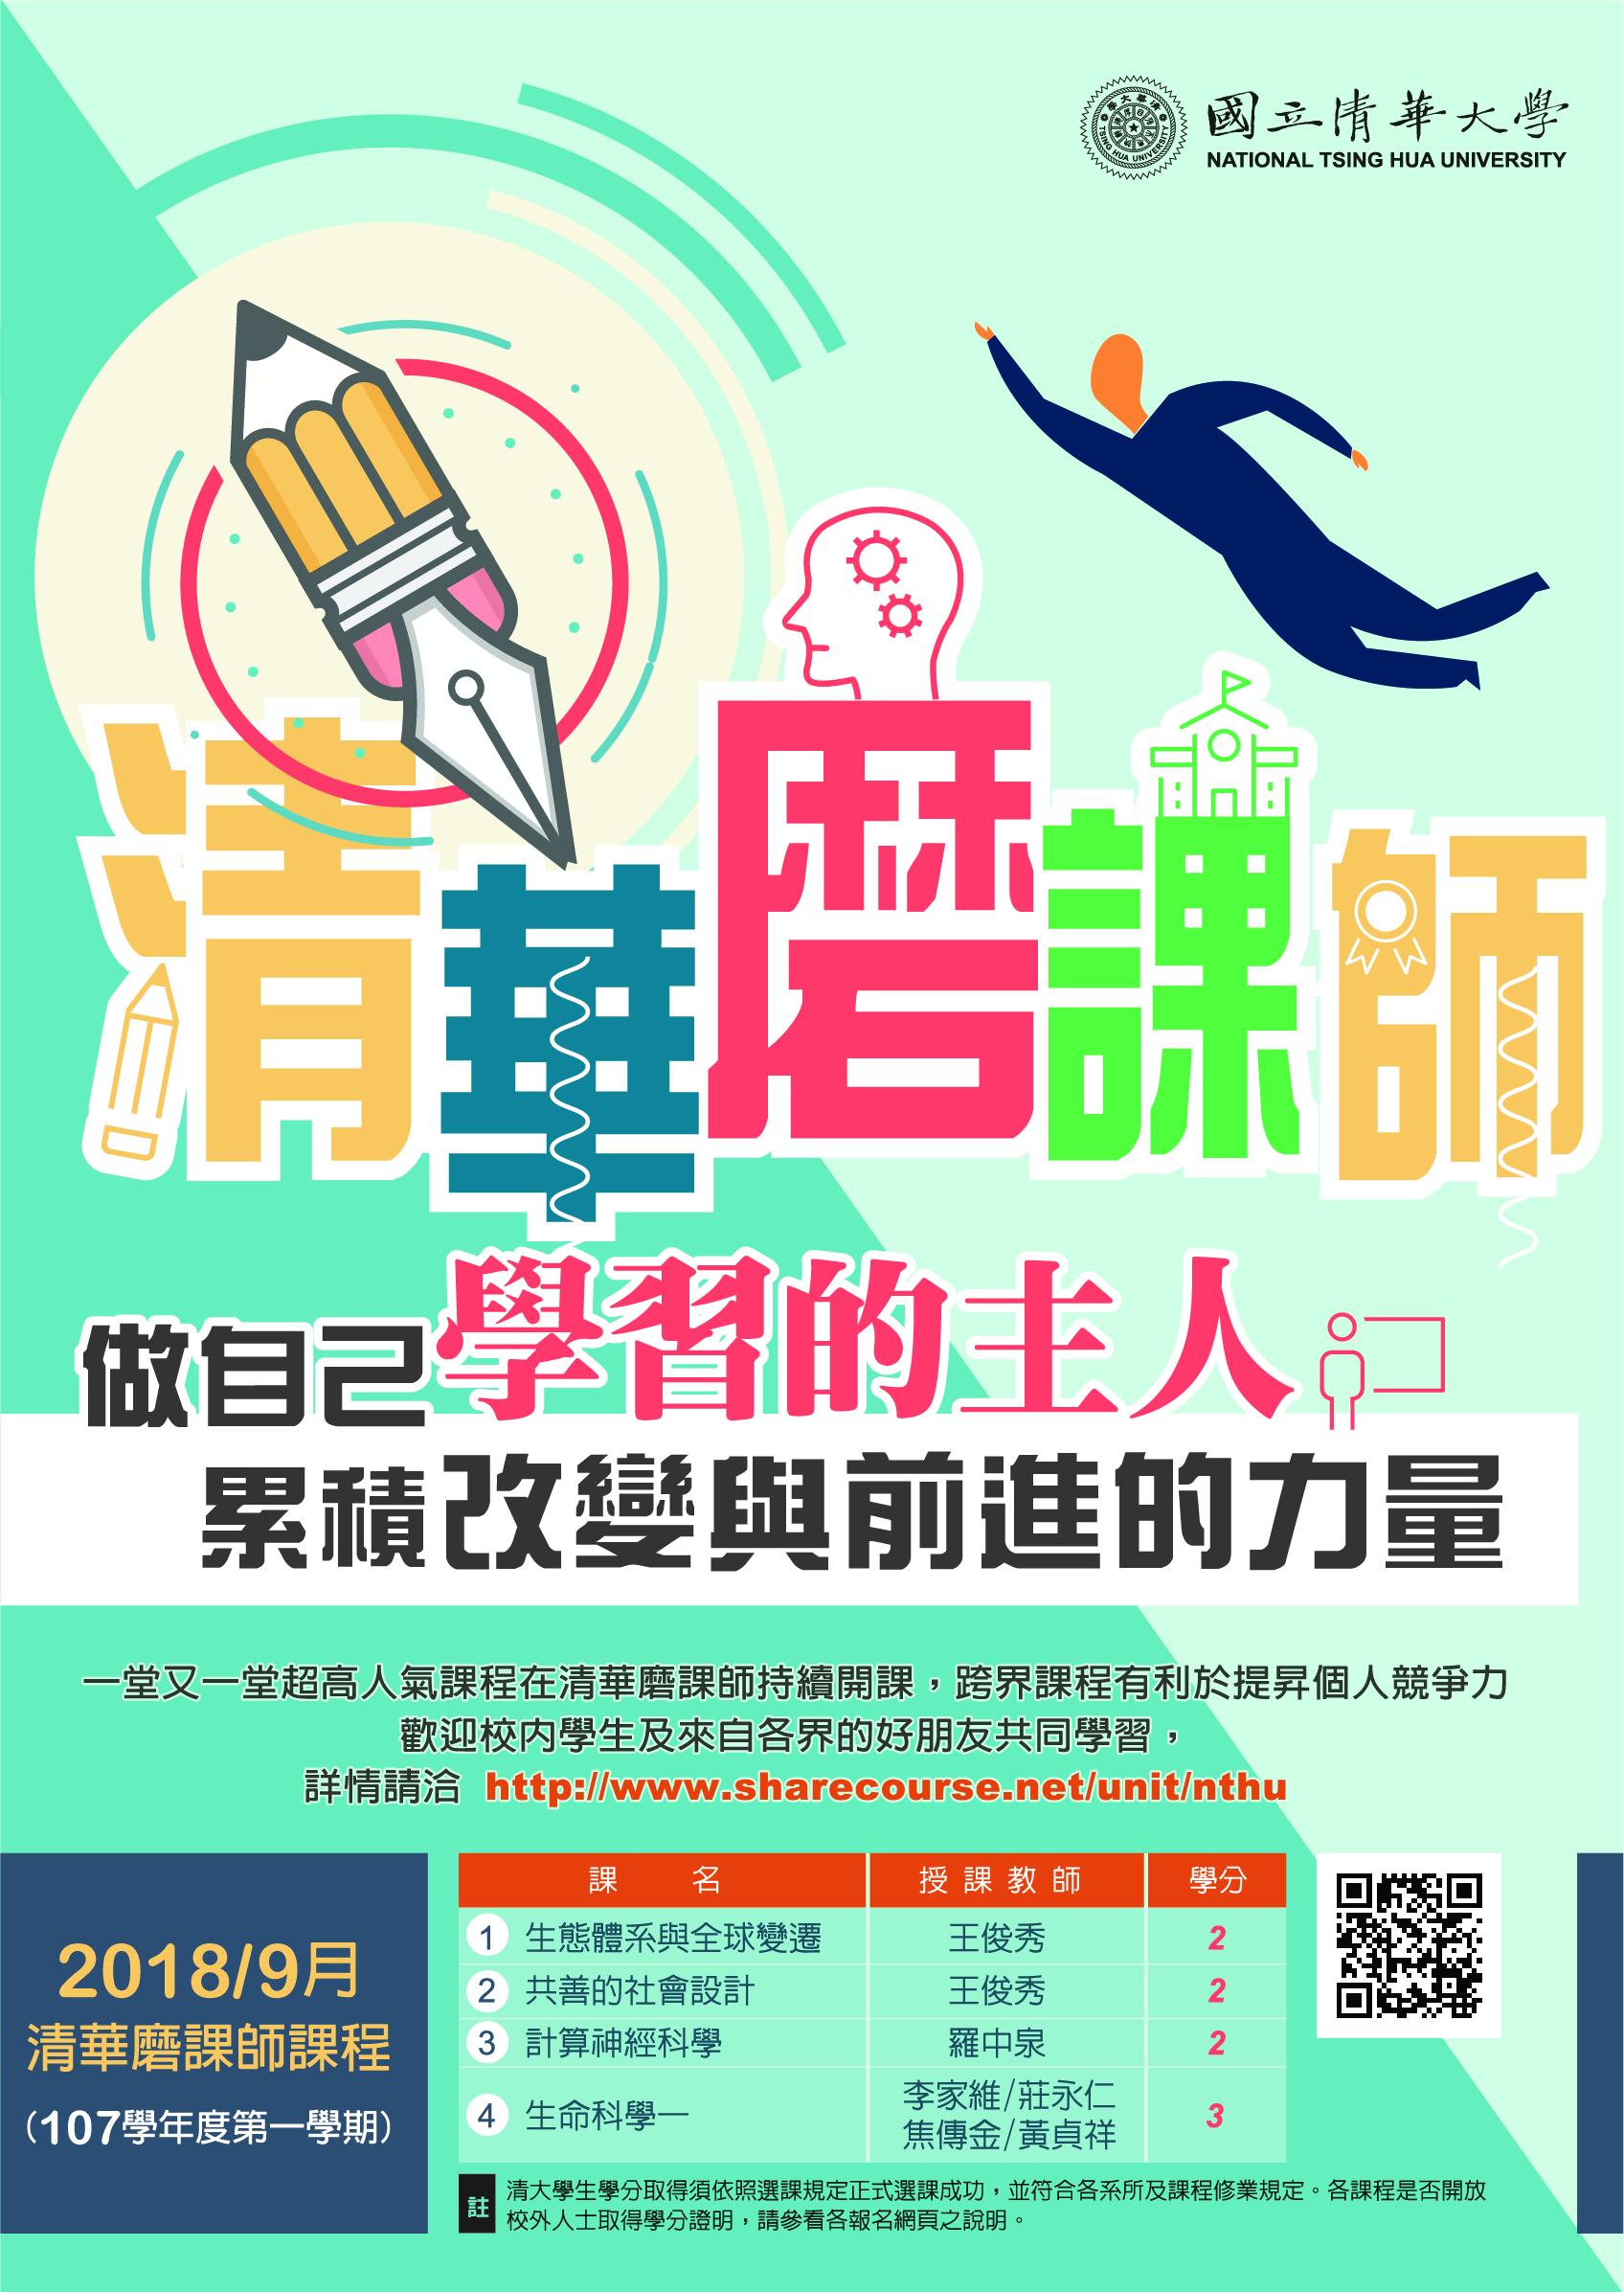 清華大學摩課師海報